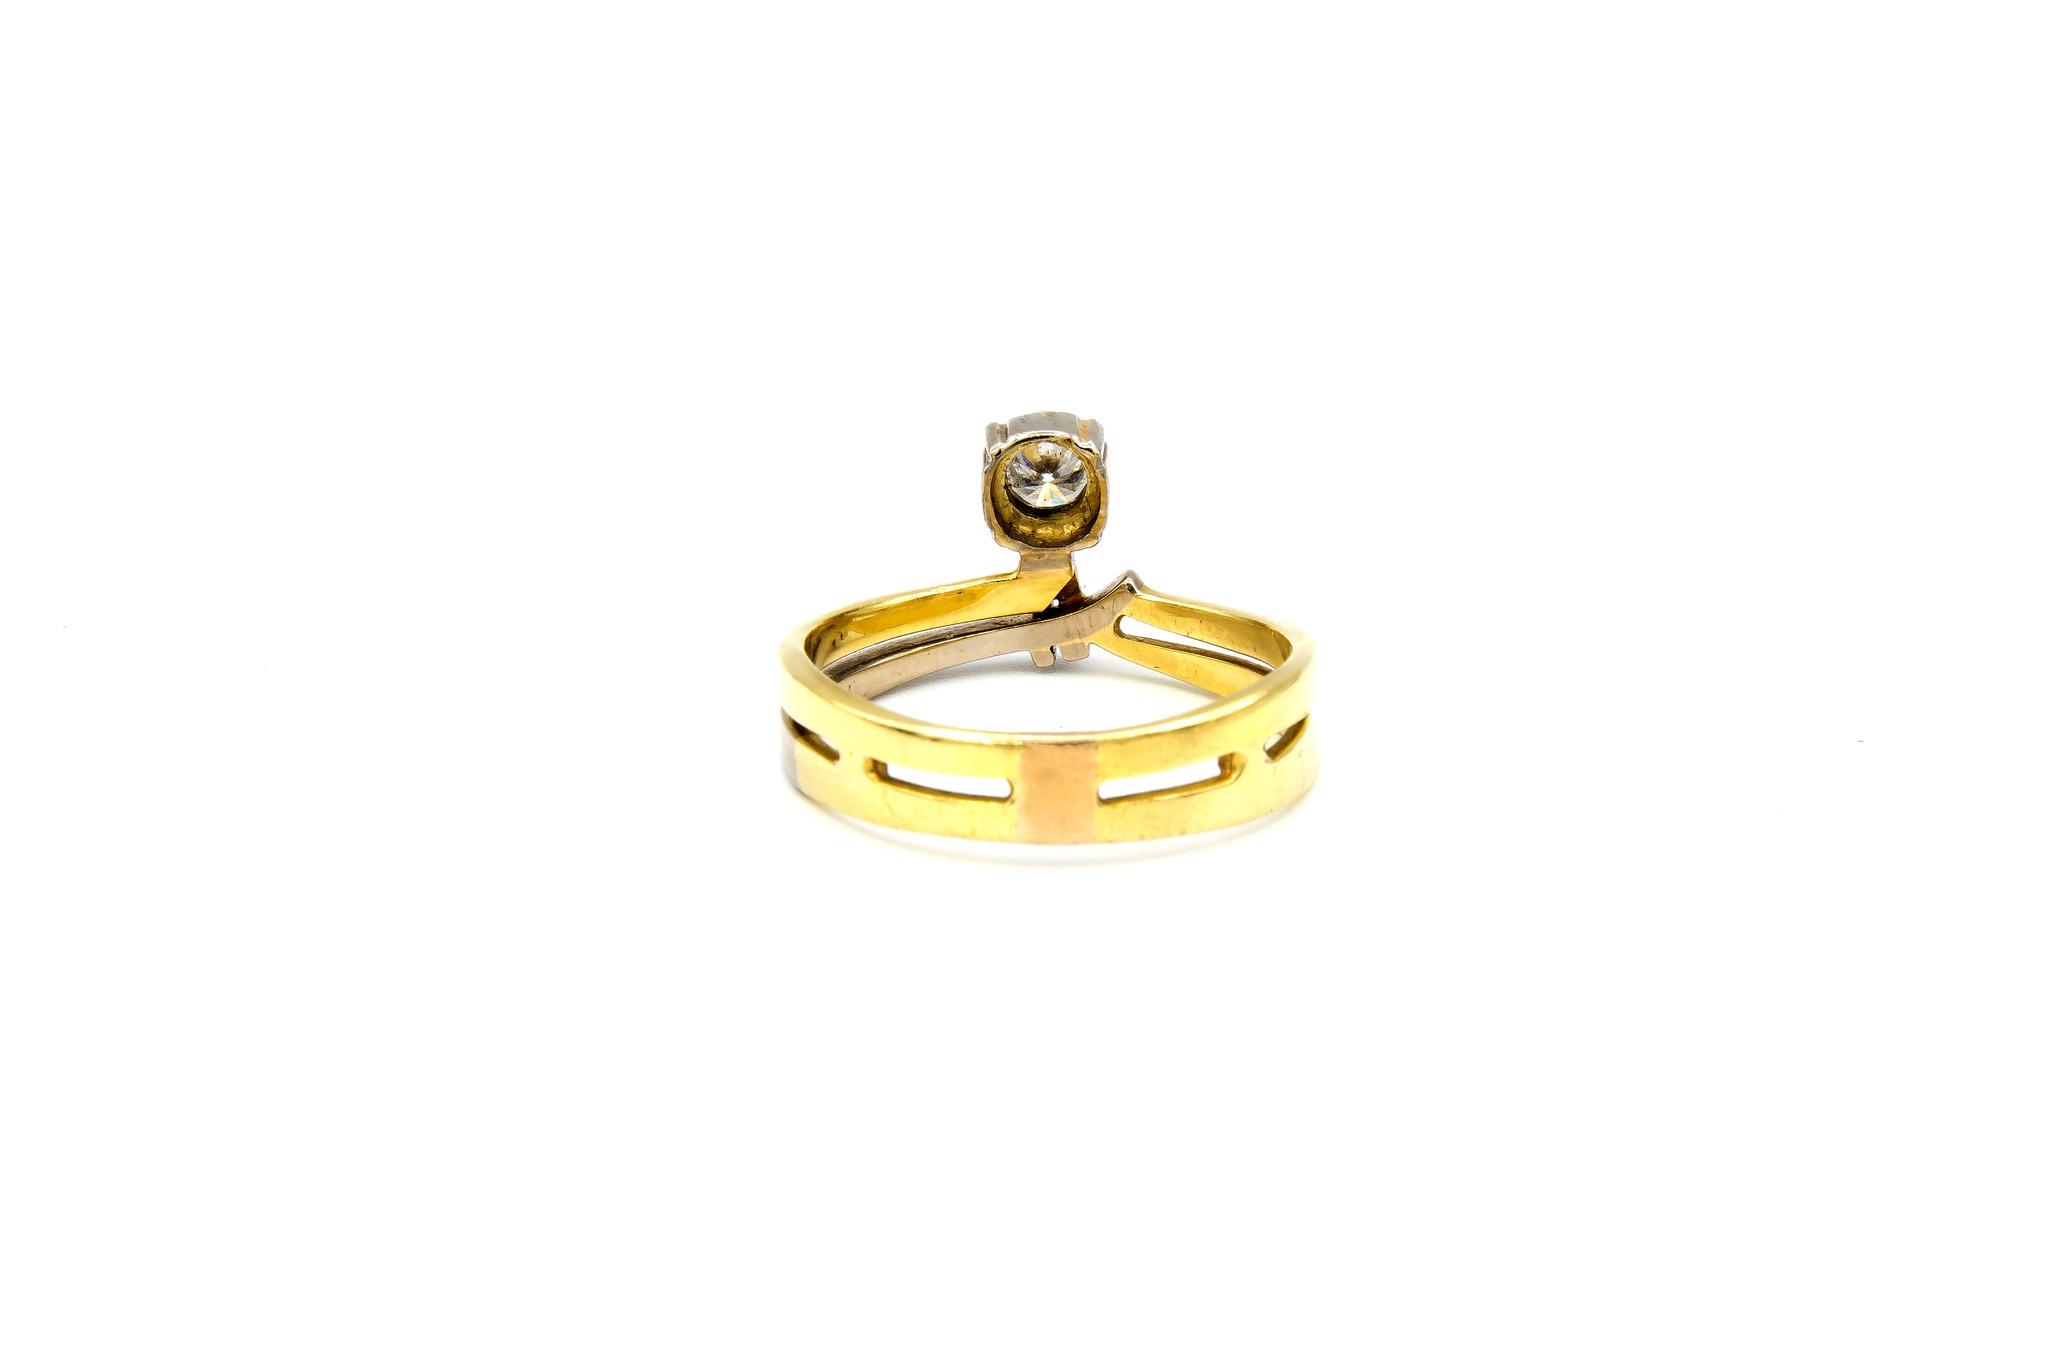 Ring verlovingsring bicolor dubbele rand met zirkonia aan de zijkant bicolor-5